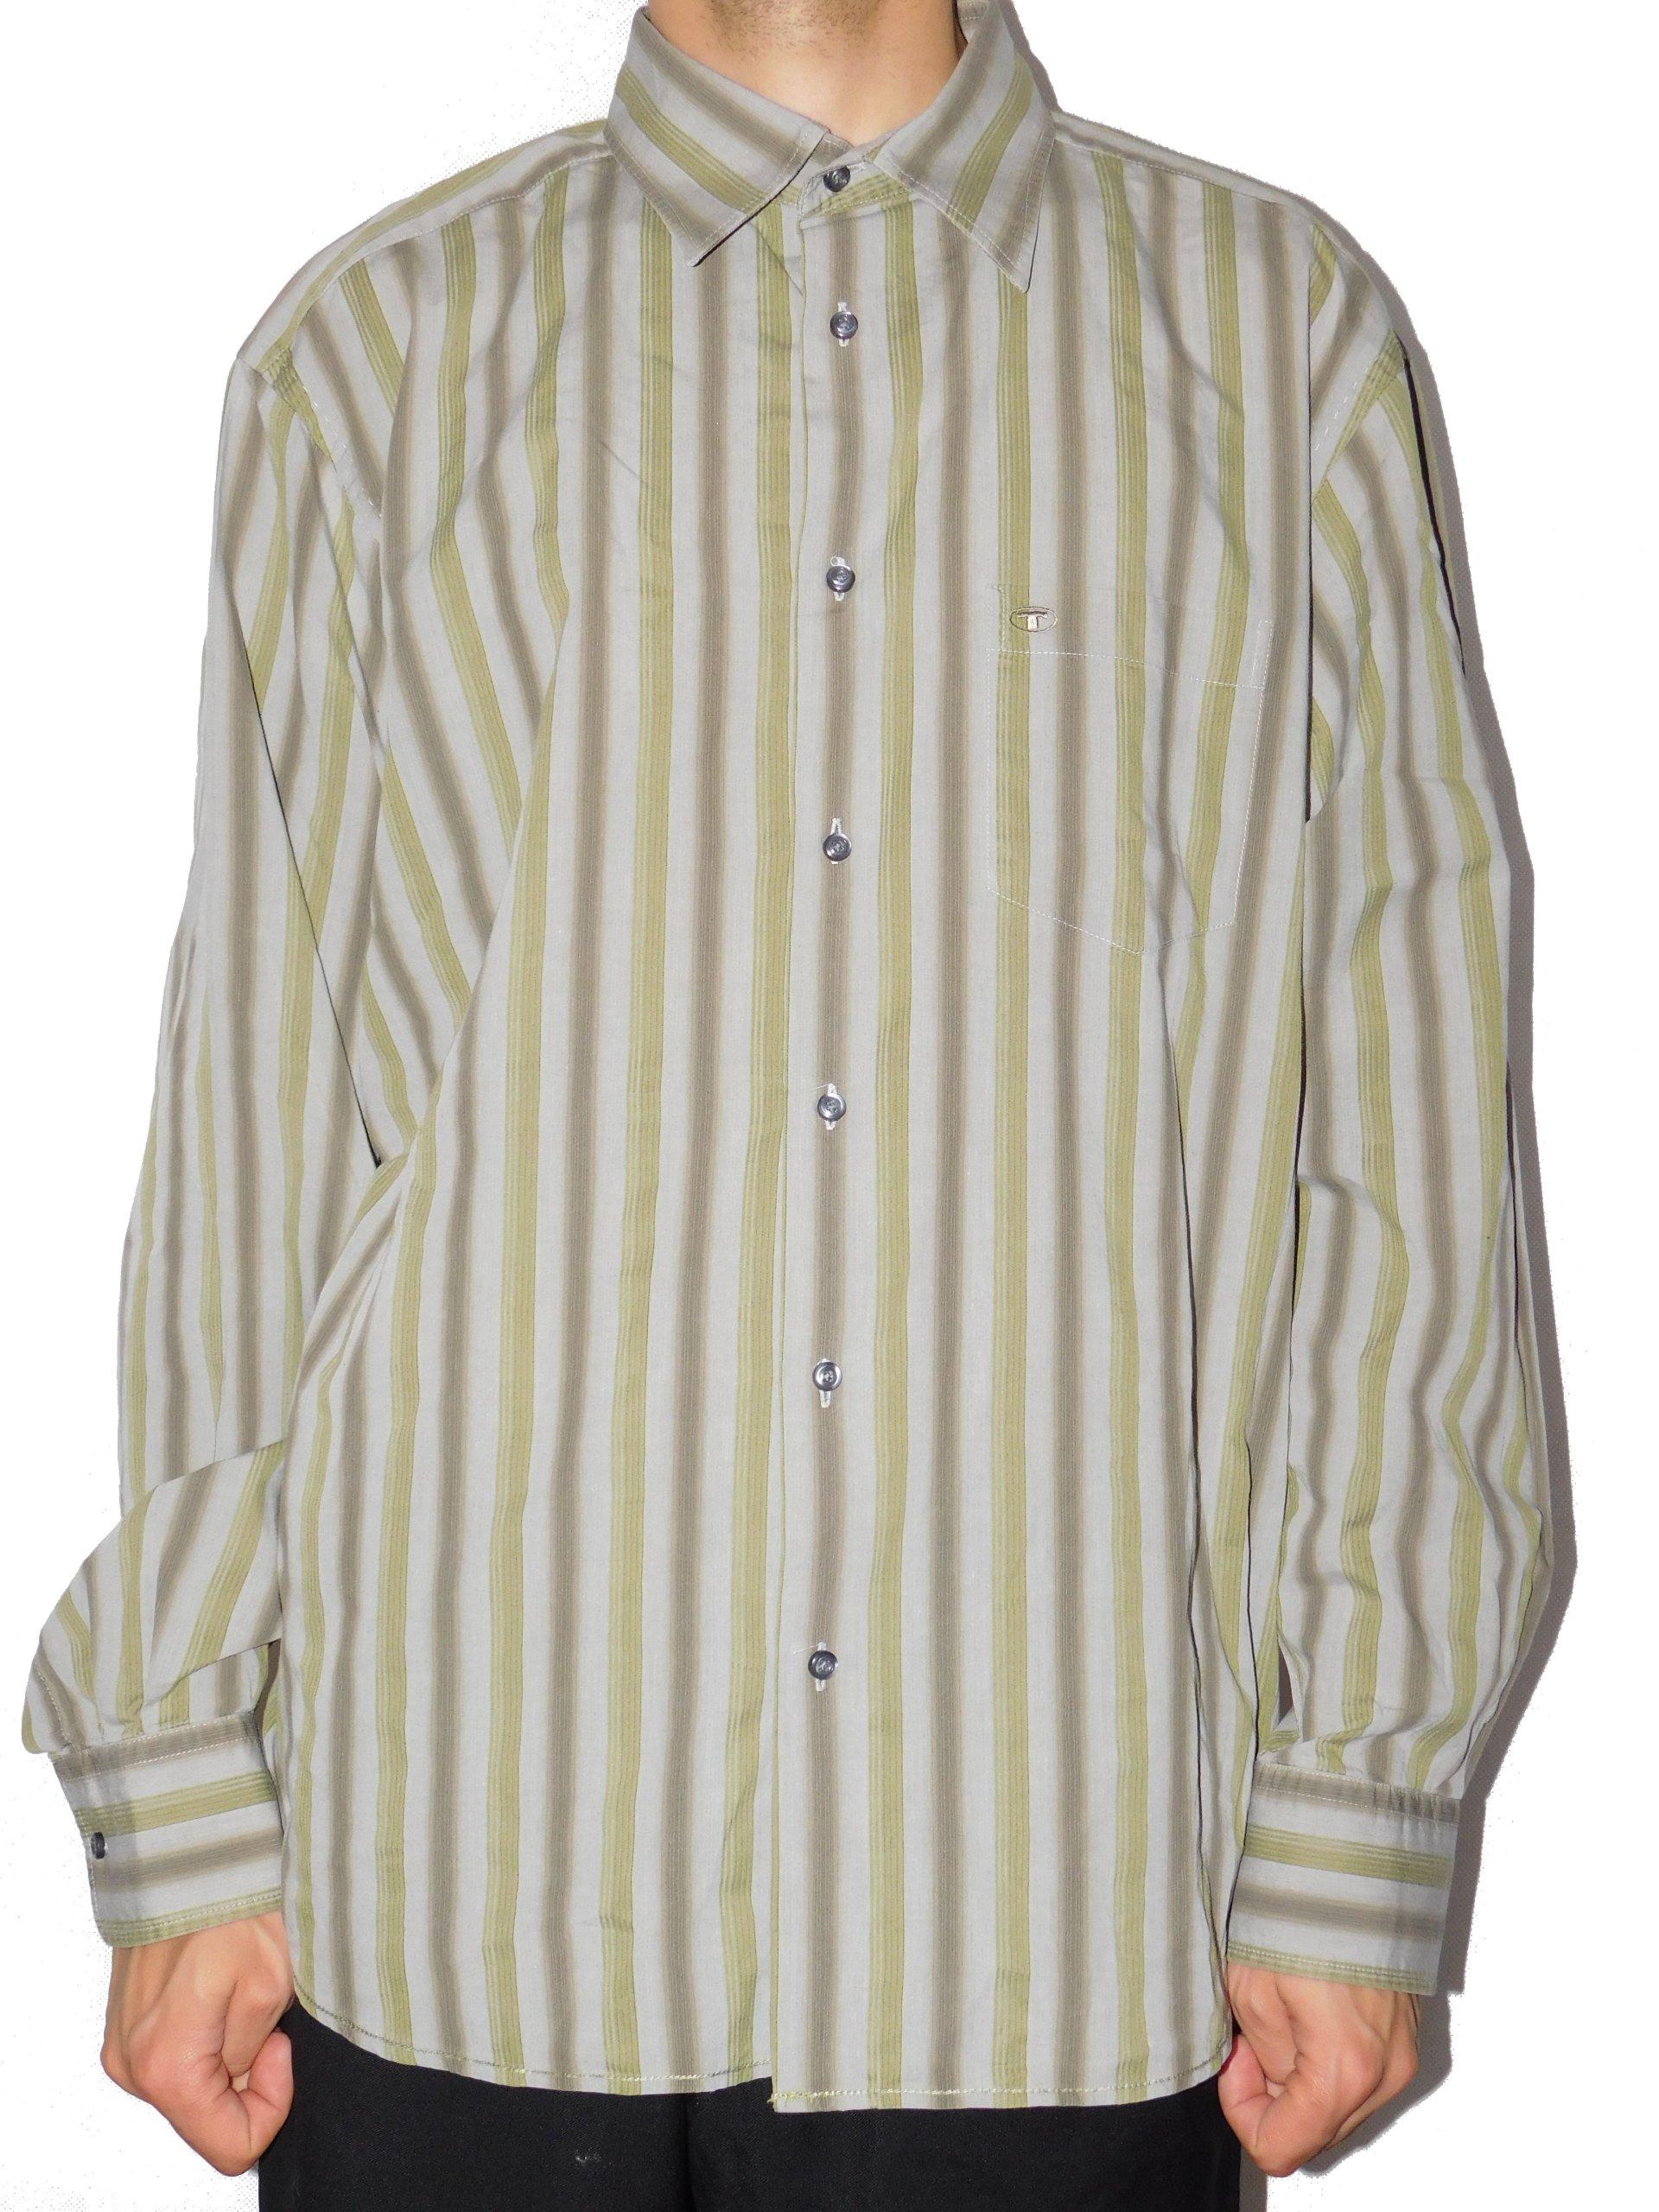 0dc07a53833fad Tom Tailor koszula męska kołnierz 41 cm L 7572838598 - Allegro.pl